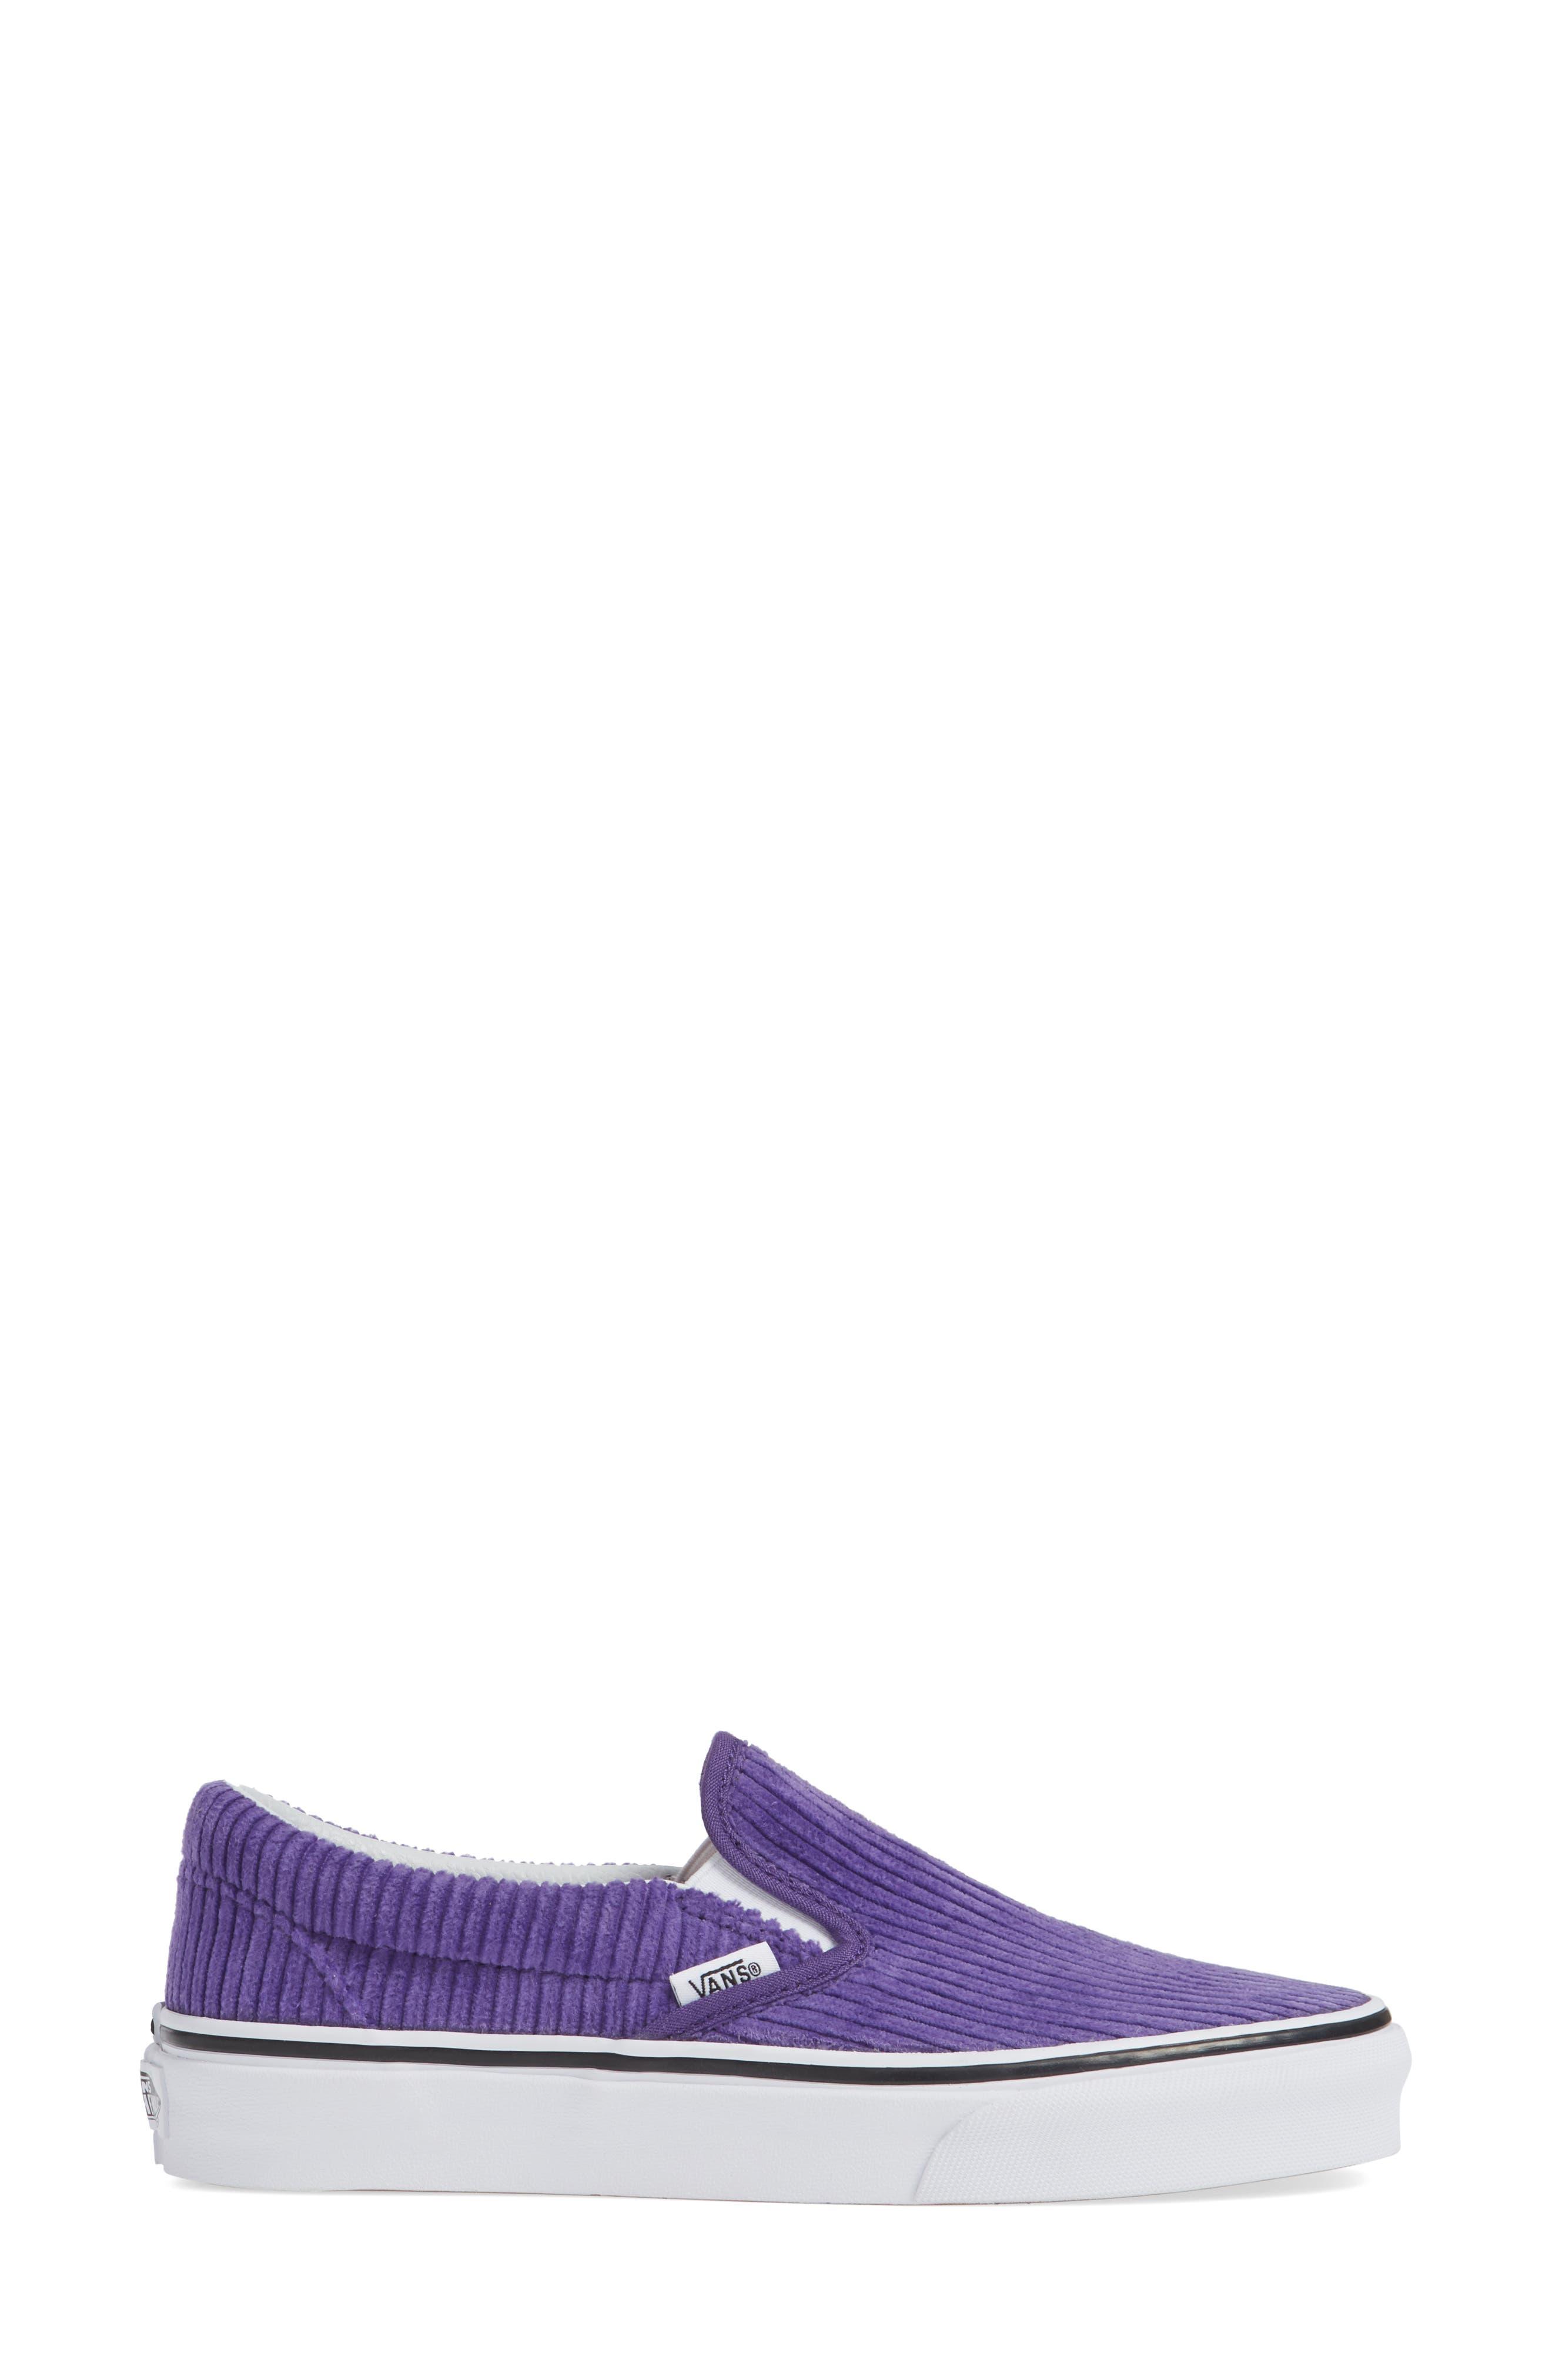 VANS,                             Classic Design Assembly Slip-On Sneaker,                             Alternate thumbnail 3, color,                             501